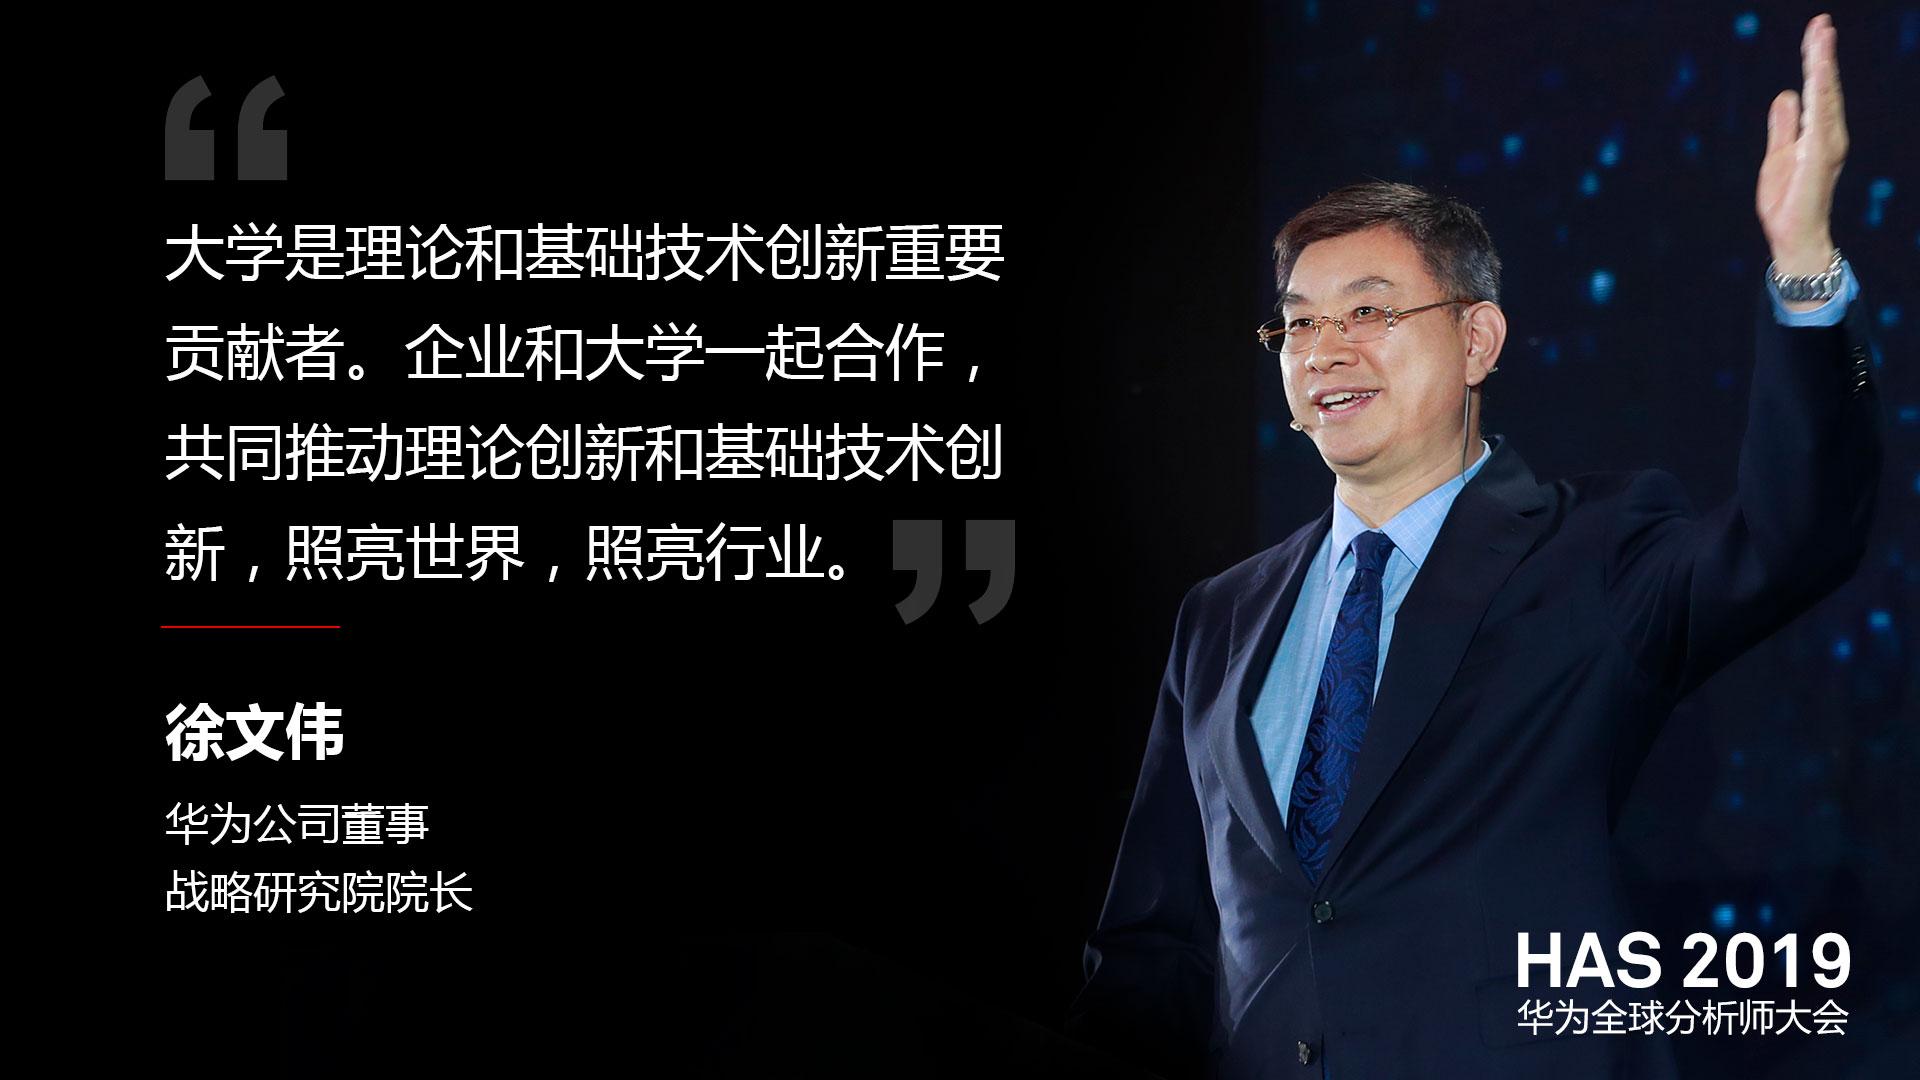 xuwenwei2 cn